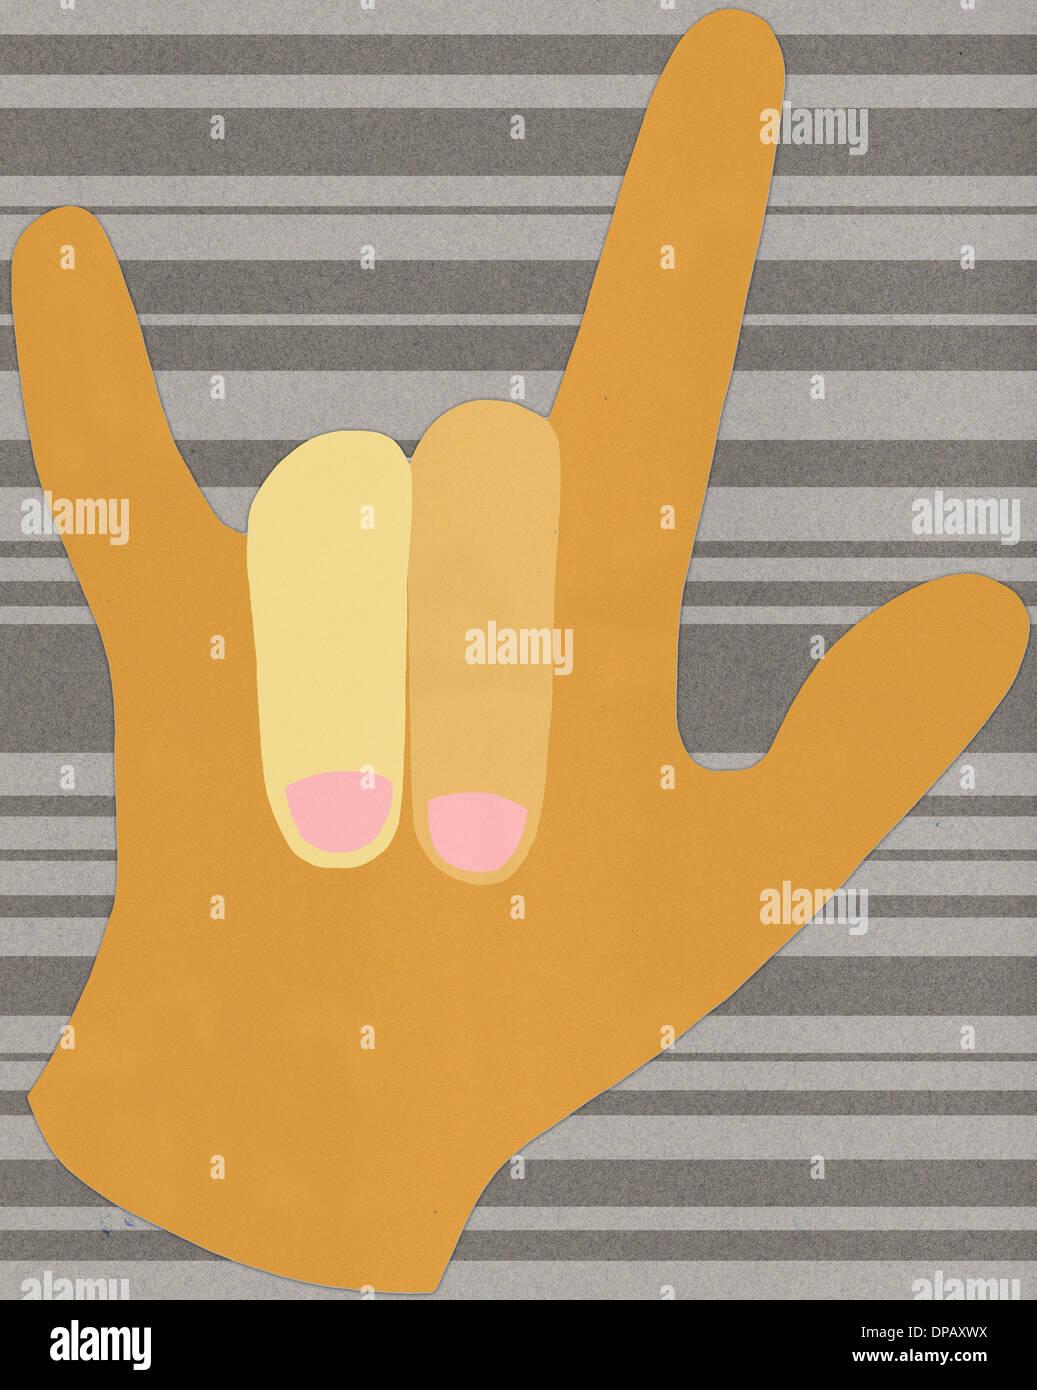 """Una mano sujetando un """"I love you"""" signo Foto de stock"""